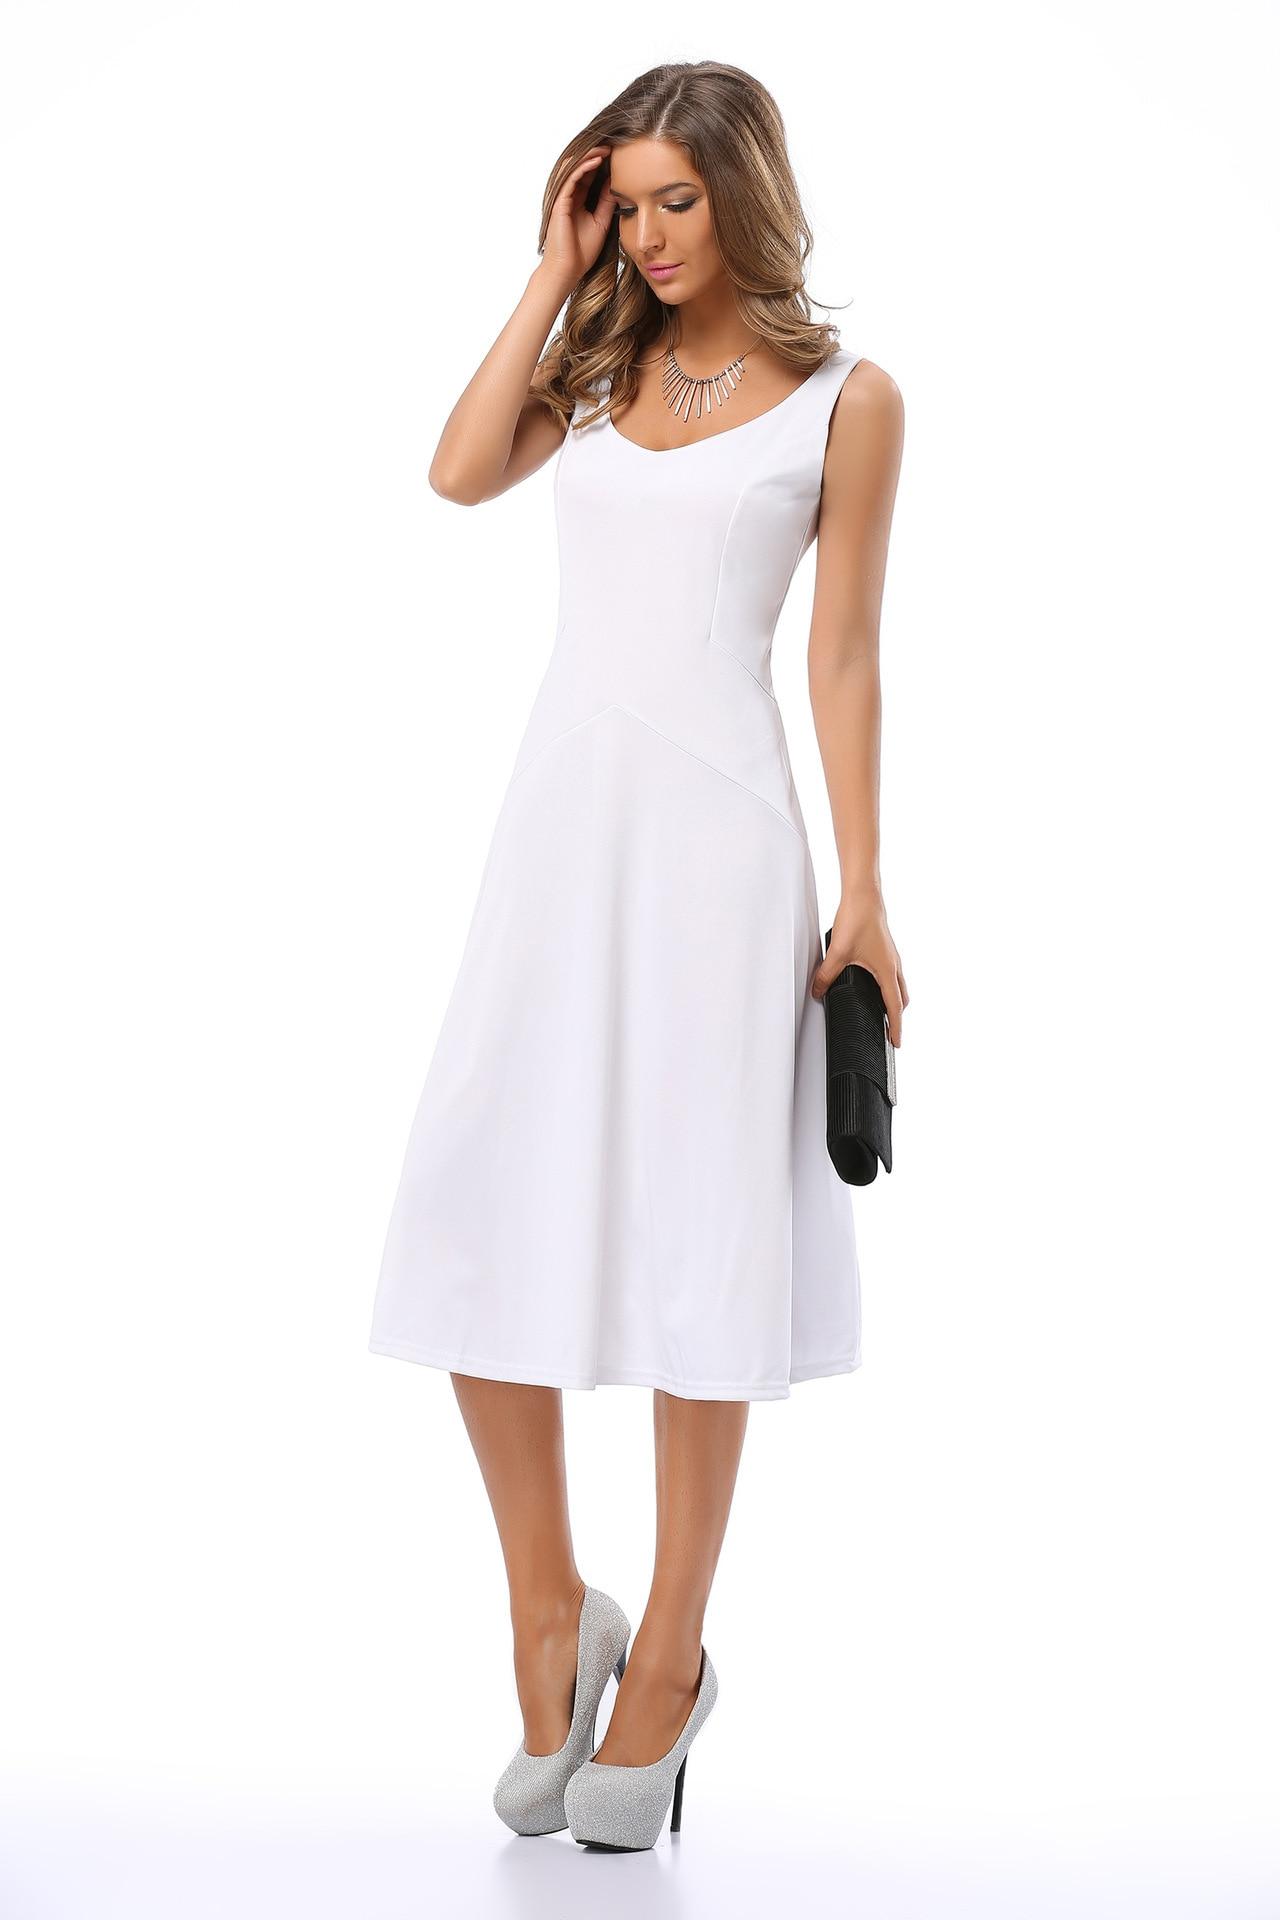 Wankou Casual Women Dress Elegant Simple Solid O Neck